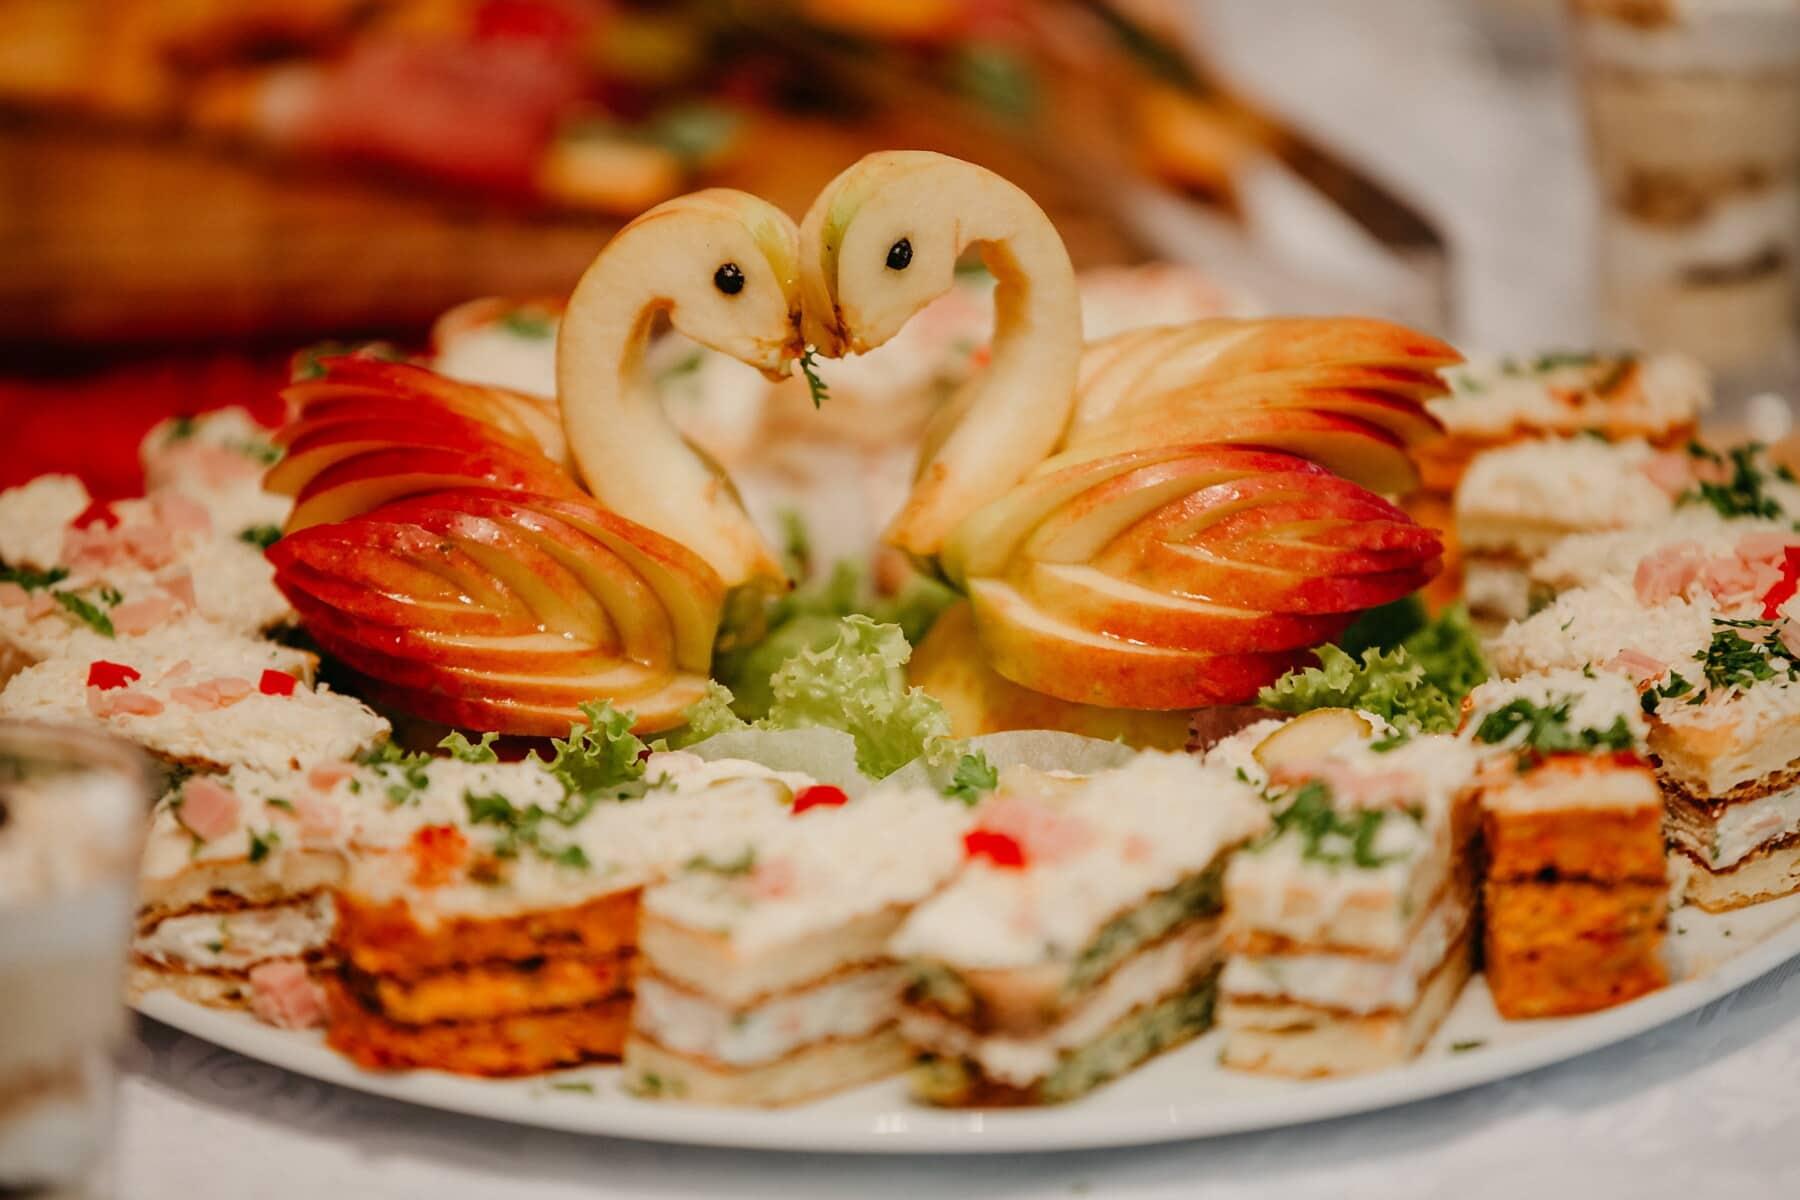 pommes, cygne, décoration, dessert, alimentaire, cuisine, biscuits, buffet, dîner, délicieux